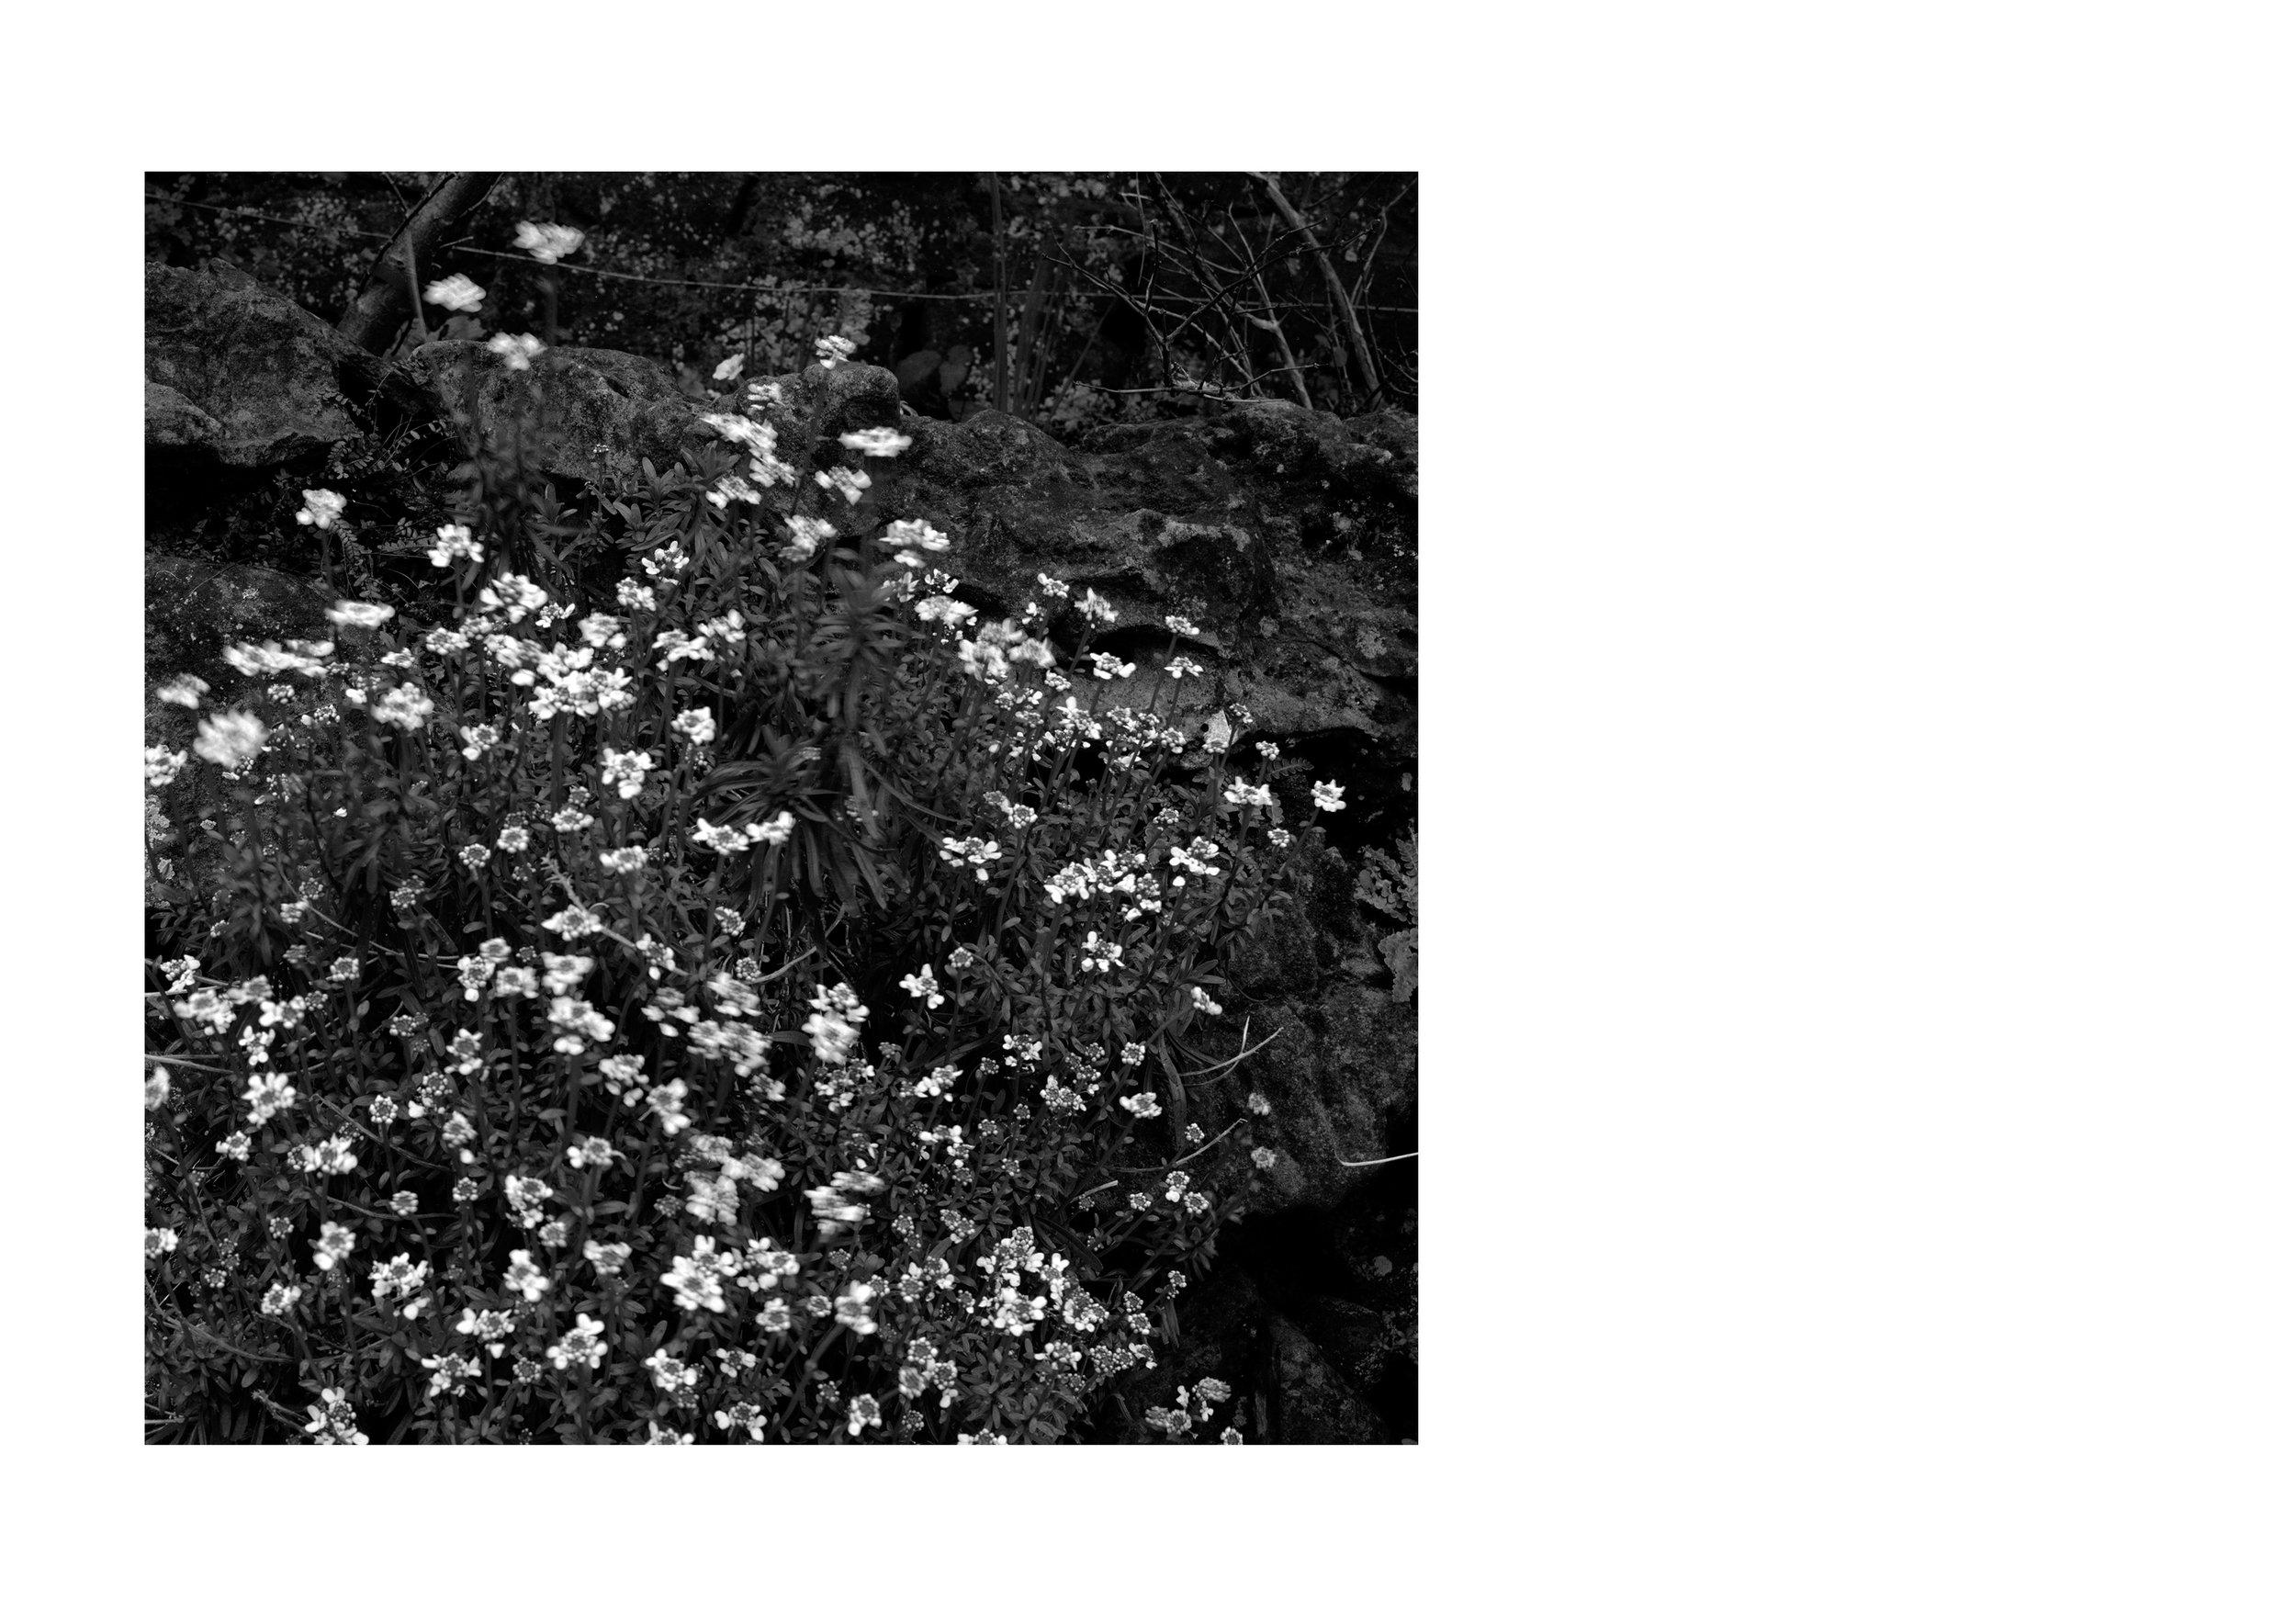 stillhere_book6_layout1.jpg